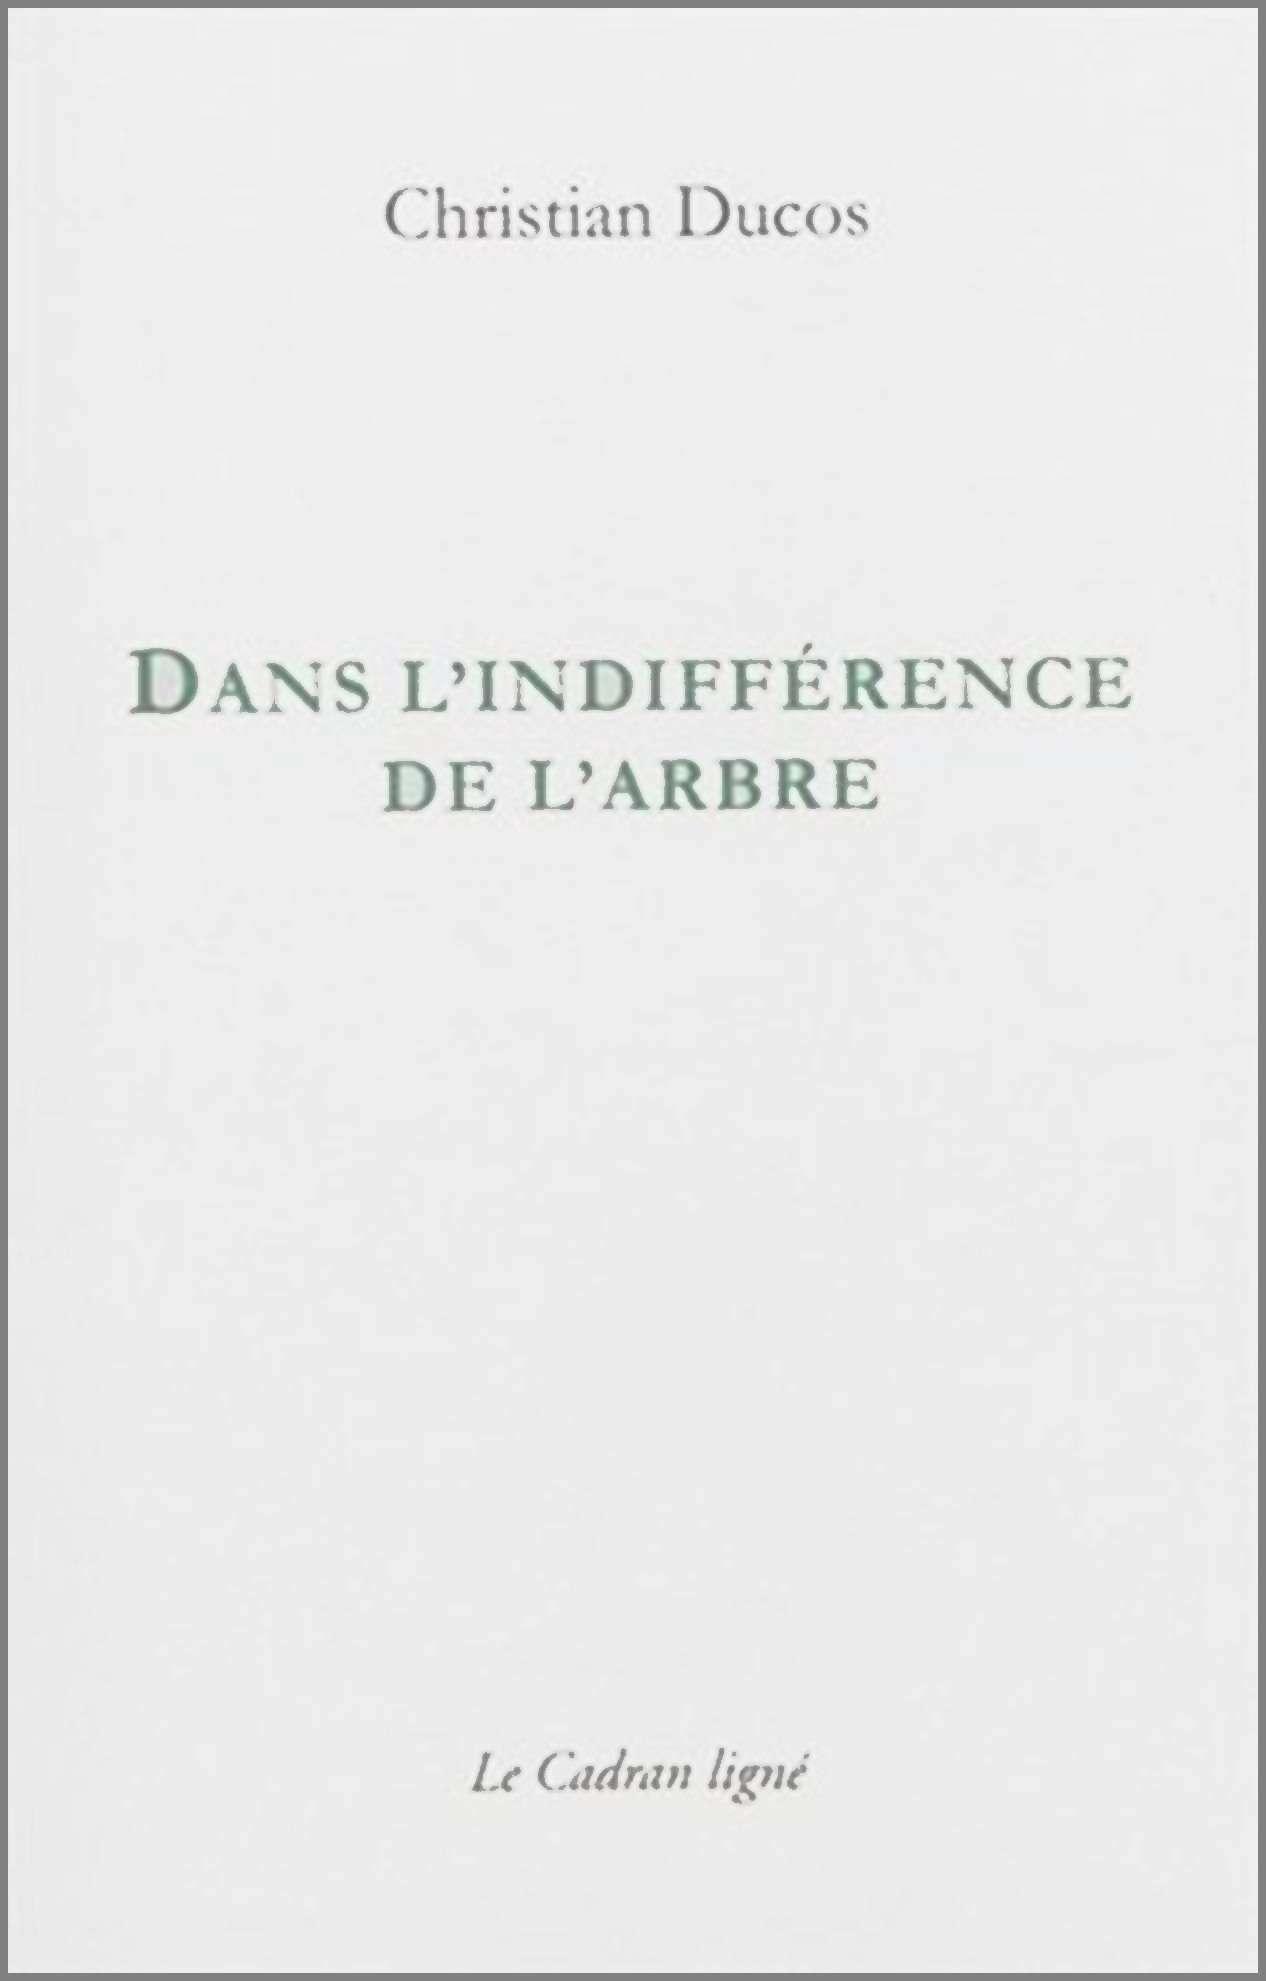 DANS L'INDIFFERENCE DE L'ARBRE